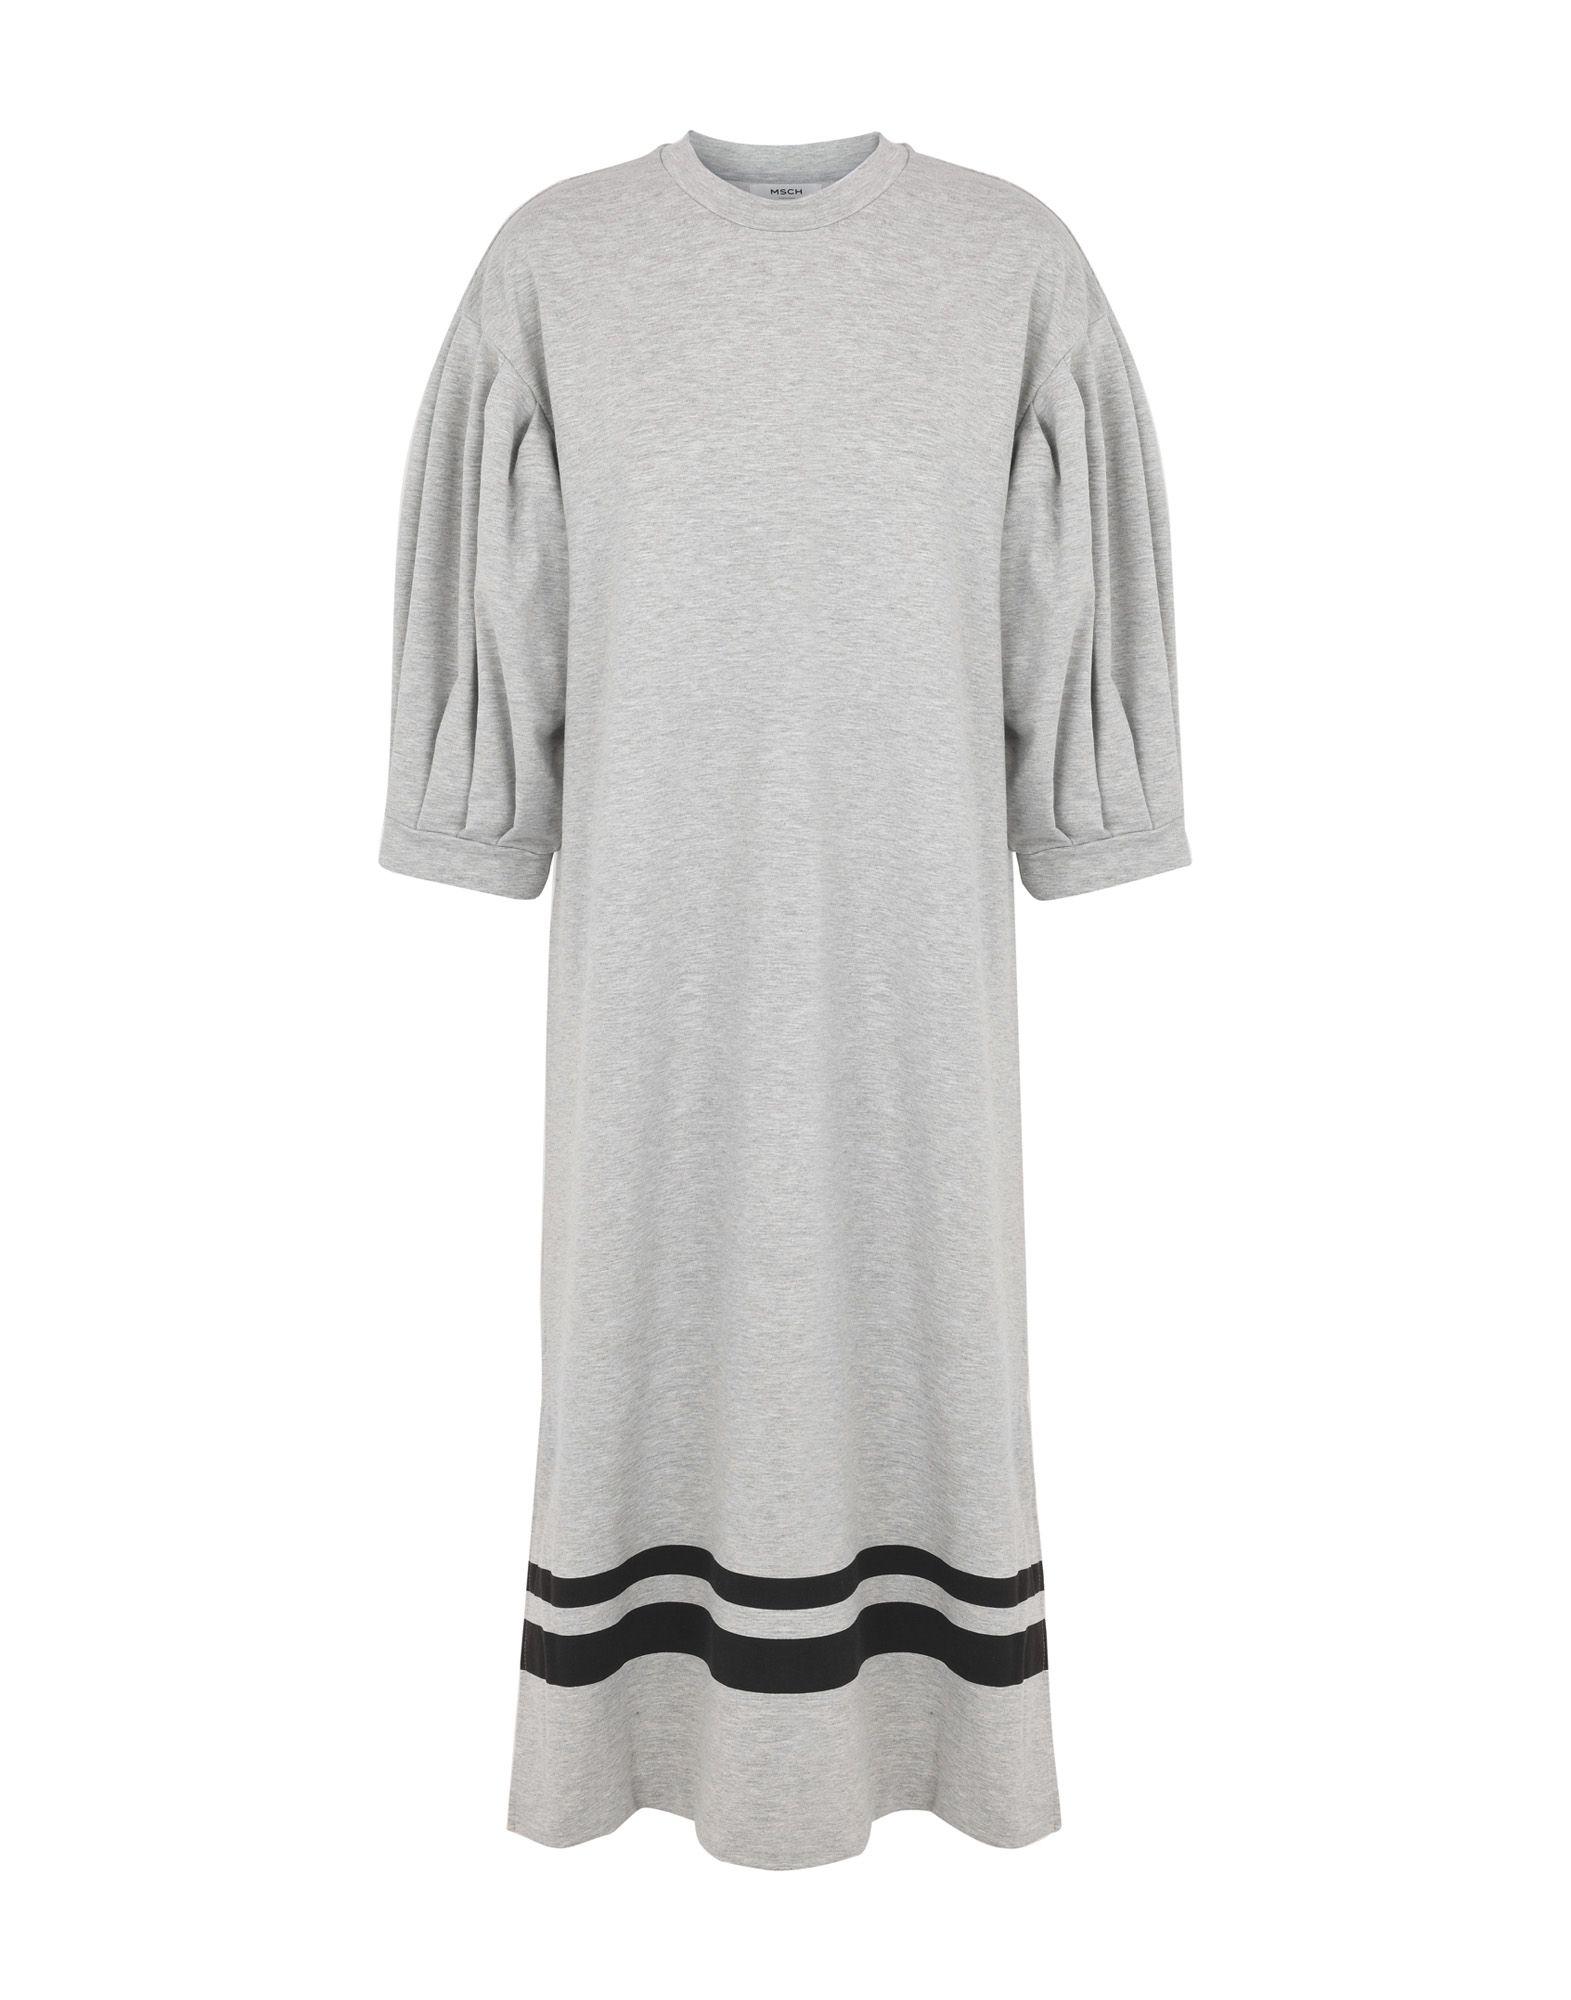 MOSS COPENHAGEN Платье длиной 3/4 lisa corti платье длиной 3 4